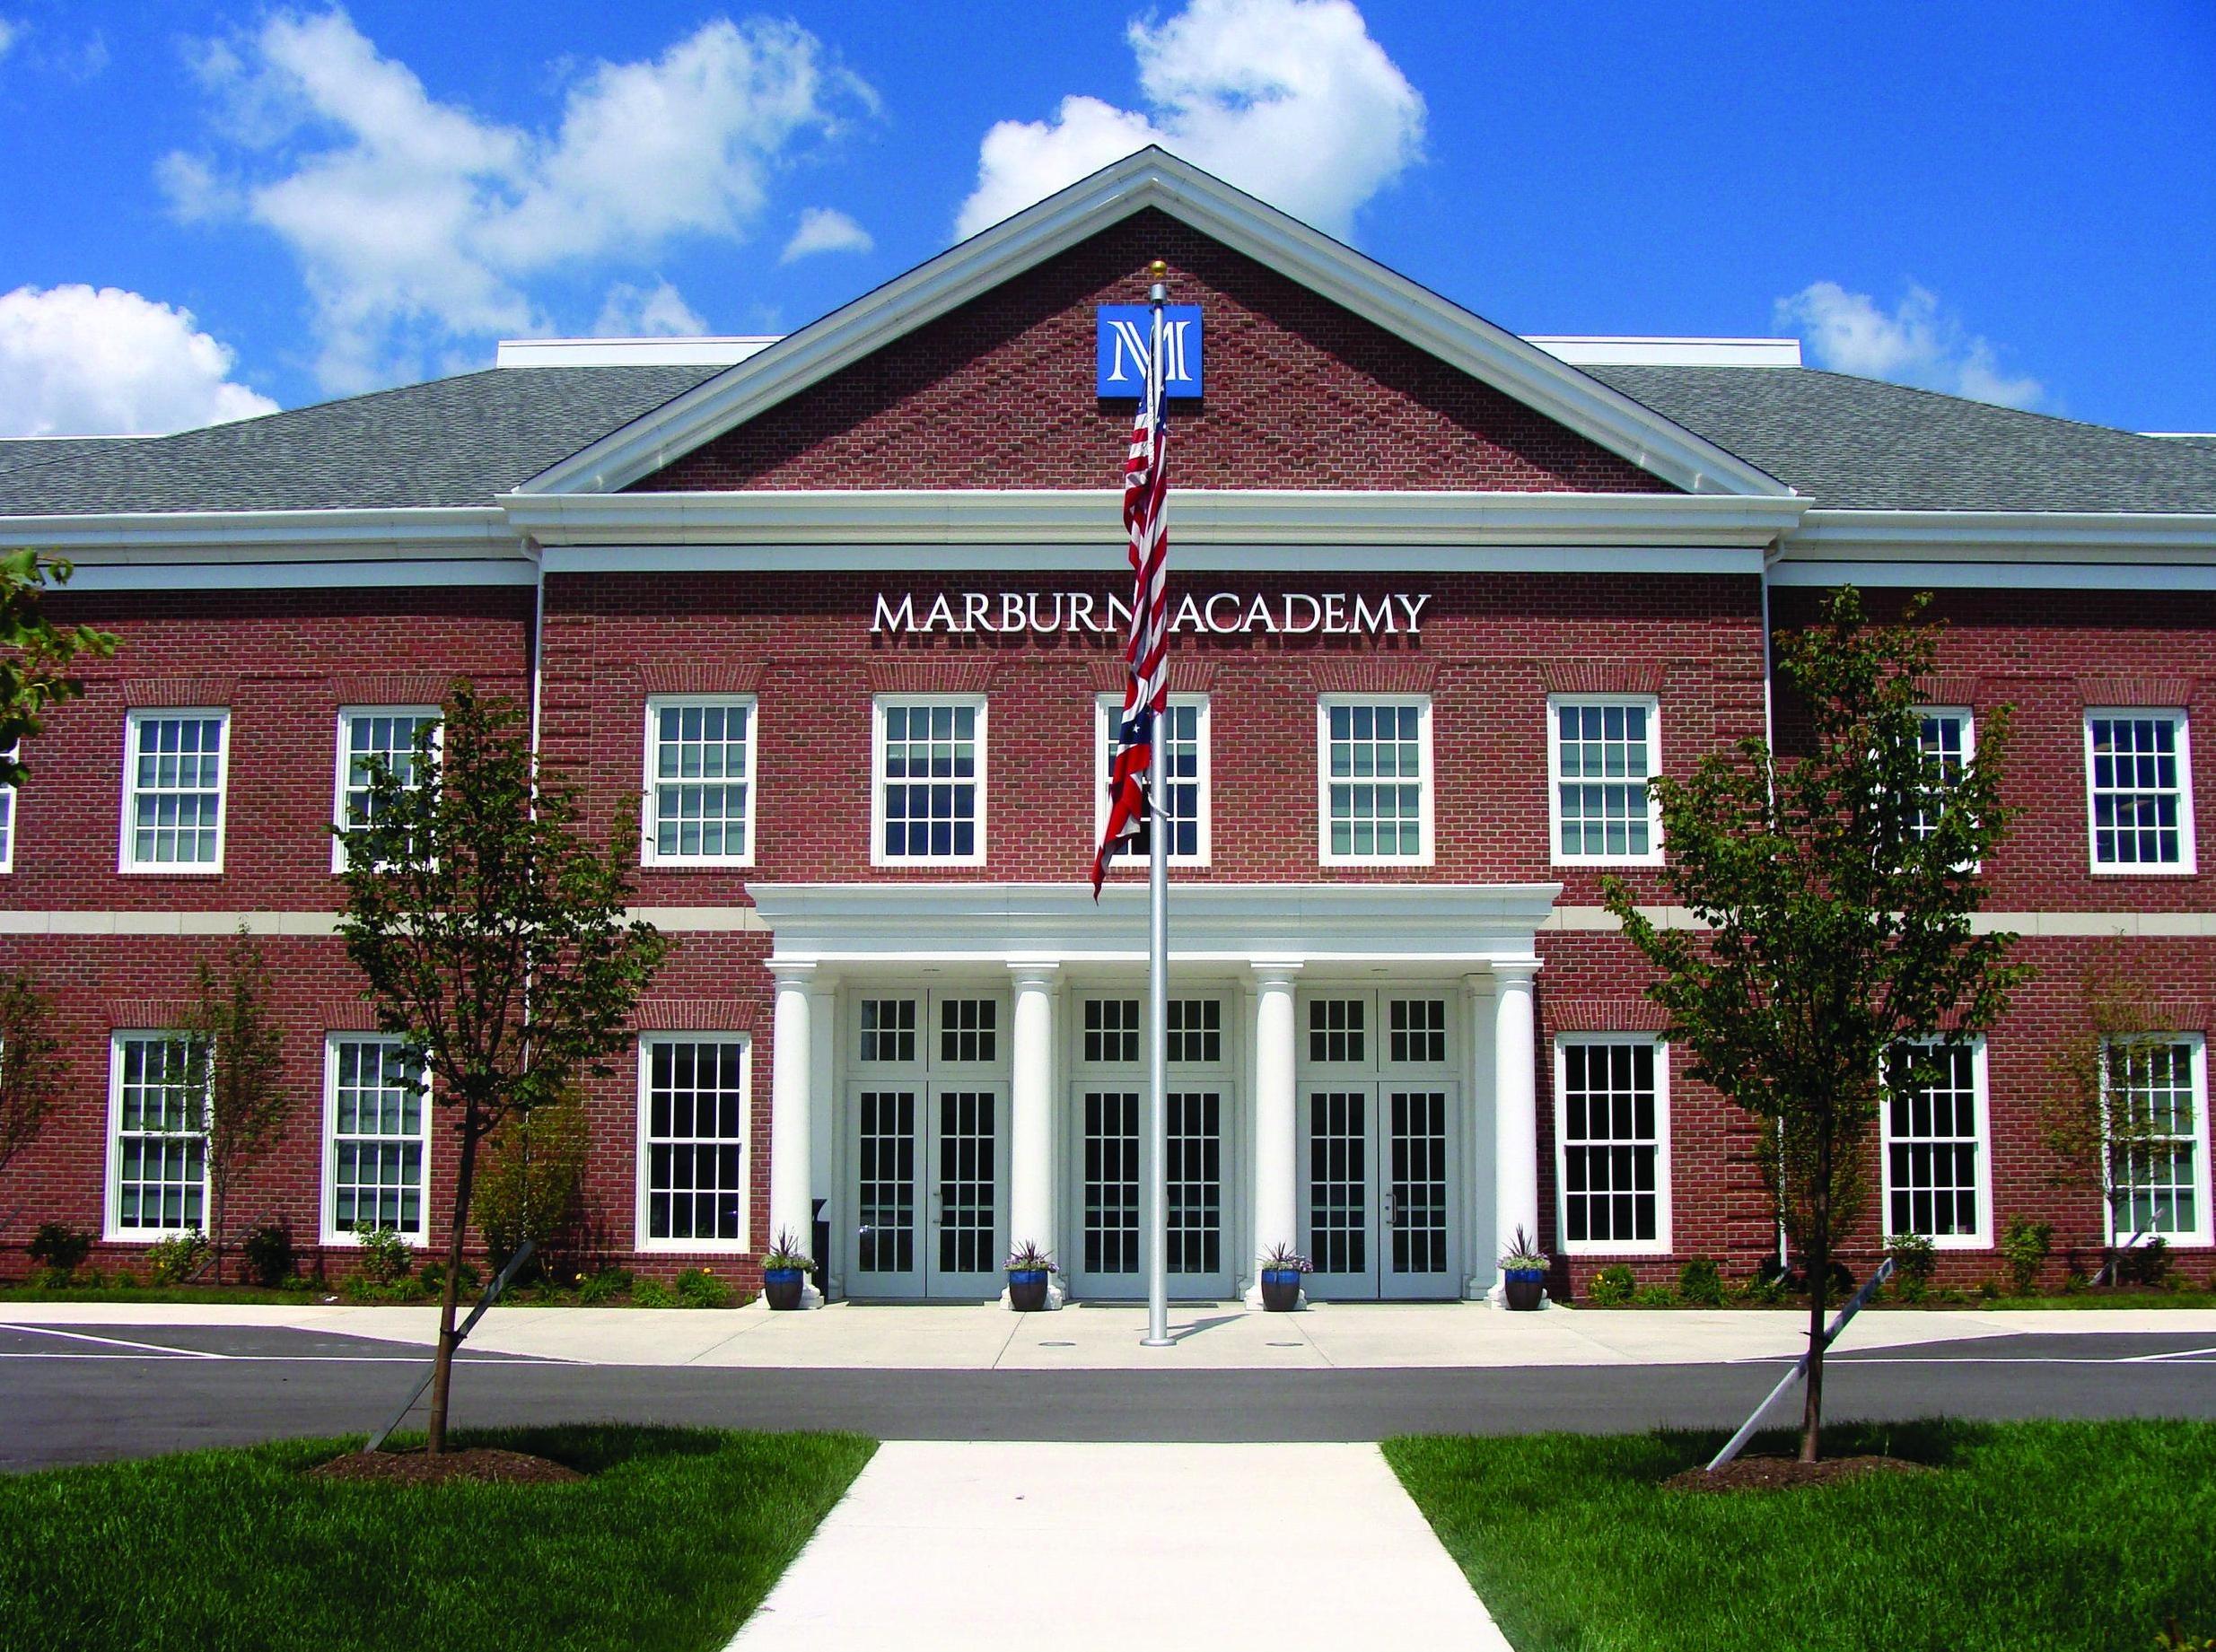 Marburn Academy